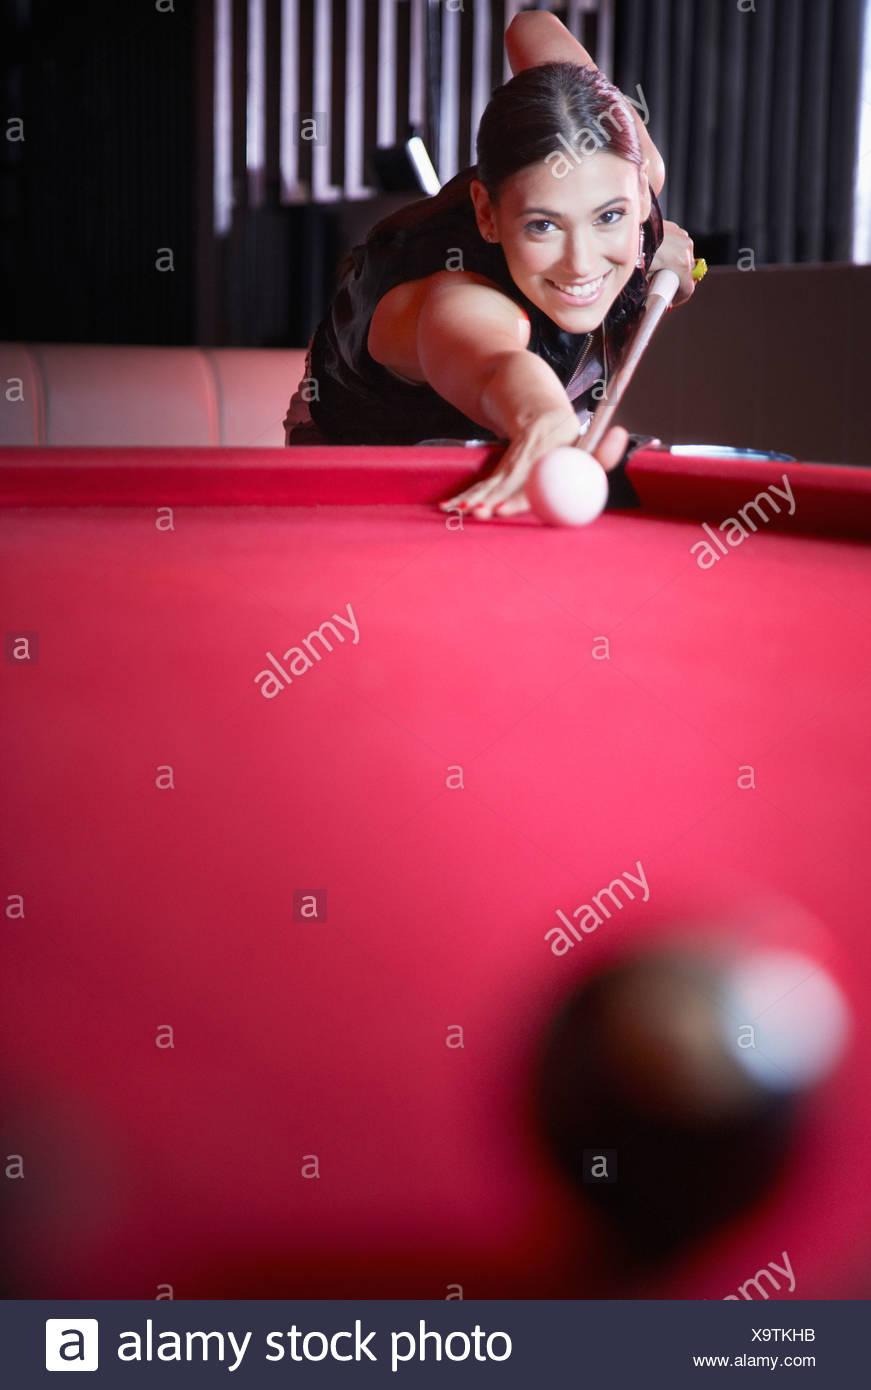 Donna giocando a biliardo e sorridente Immagini Stock